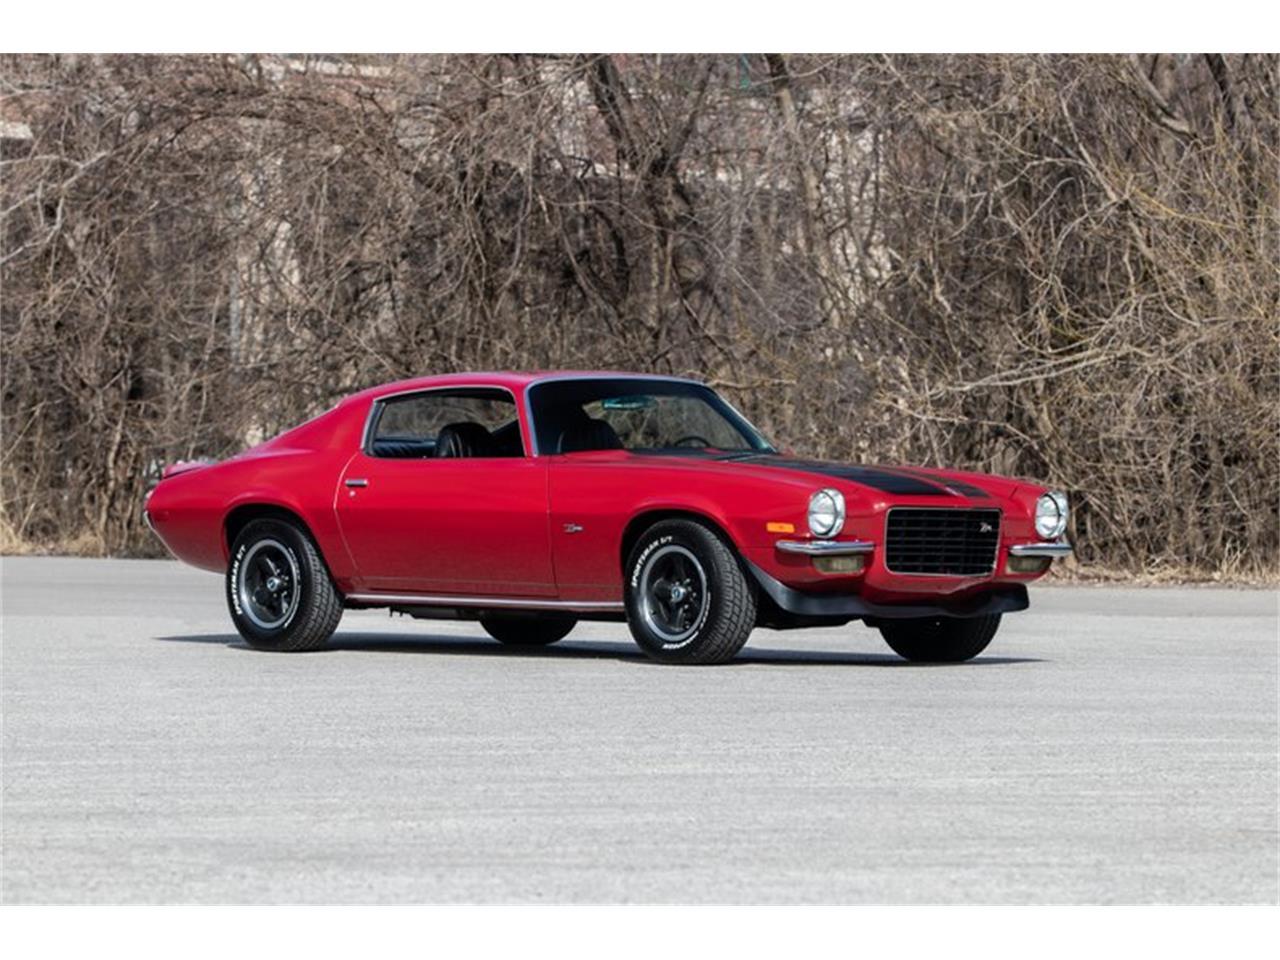 1972 Chevrolet Camaro Z28 (CC-1204718) for sale in St. Charles, Missouri